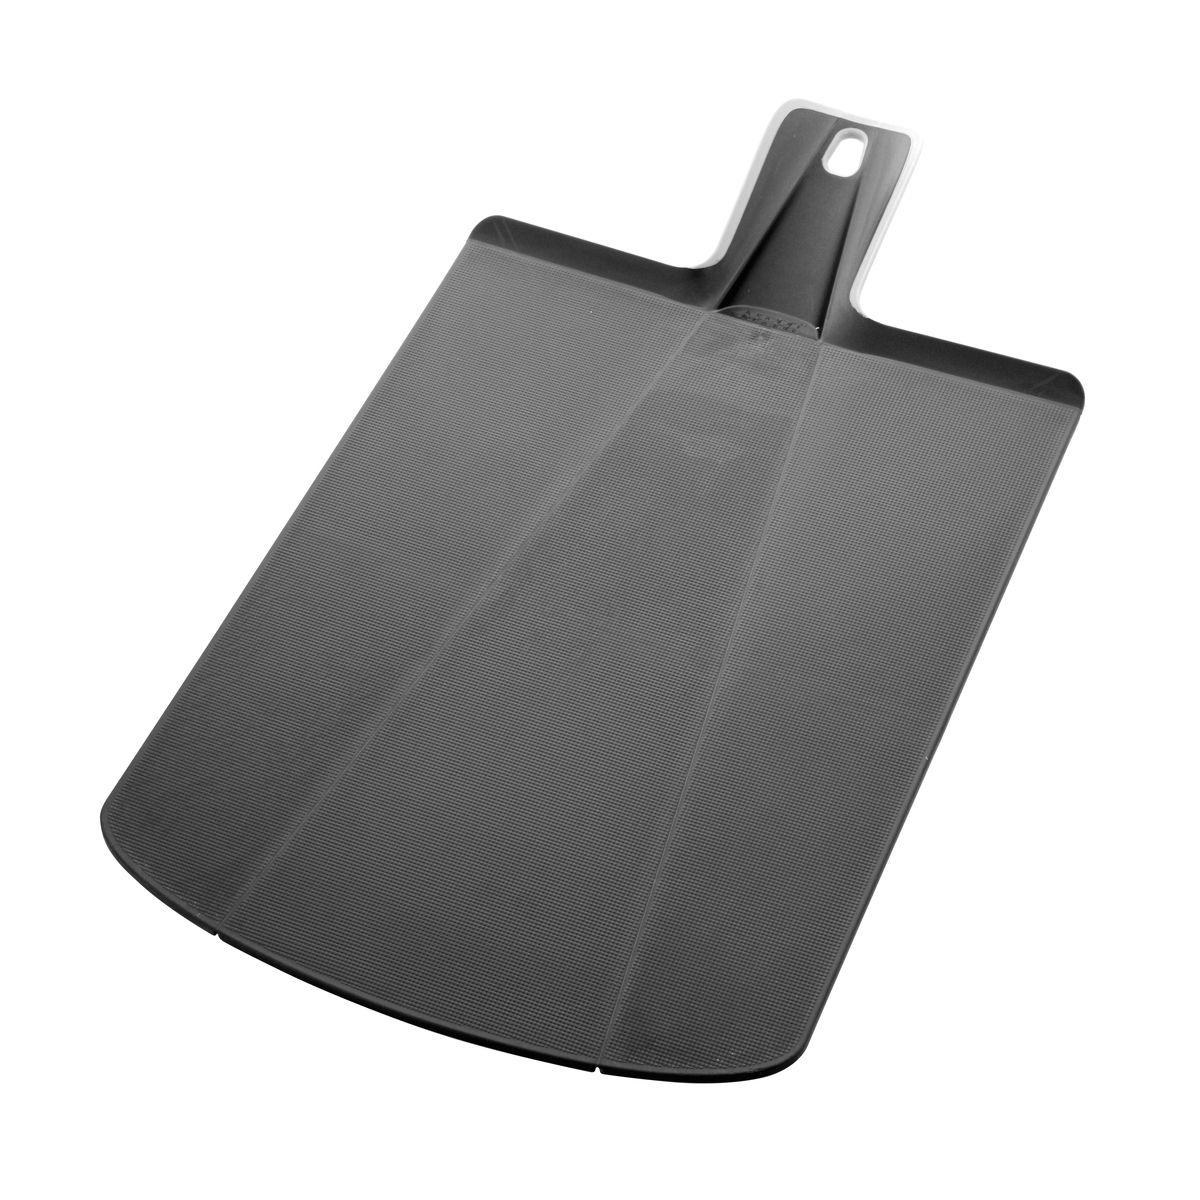 Planche pliable Chop2pot grand modèle noir - Joseph Joseph